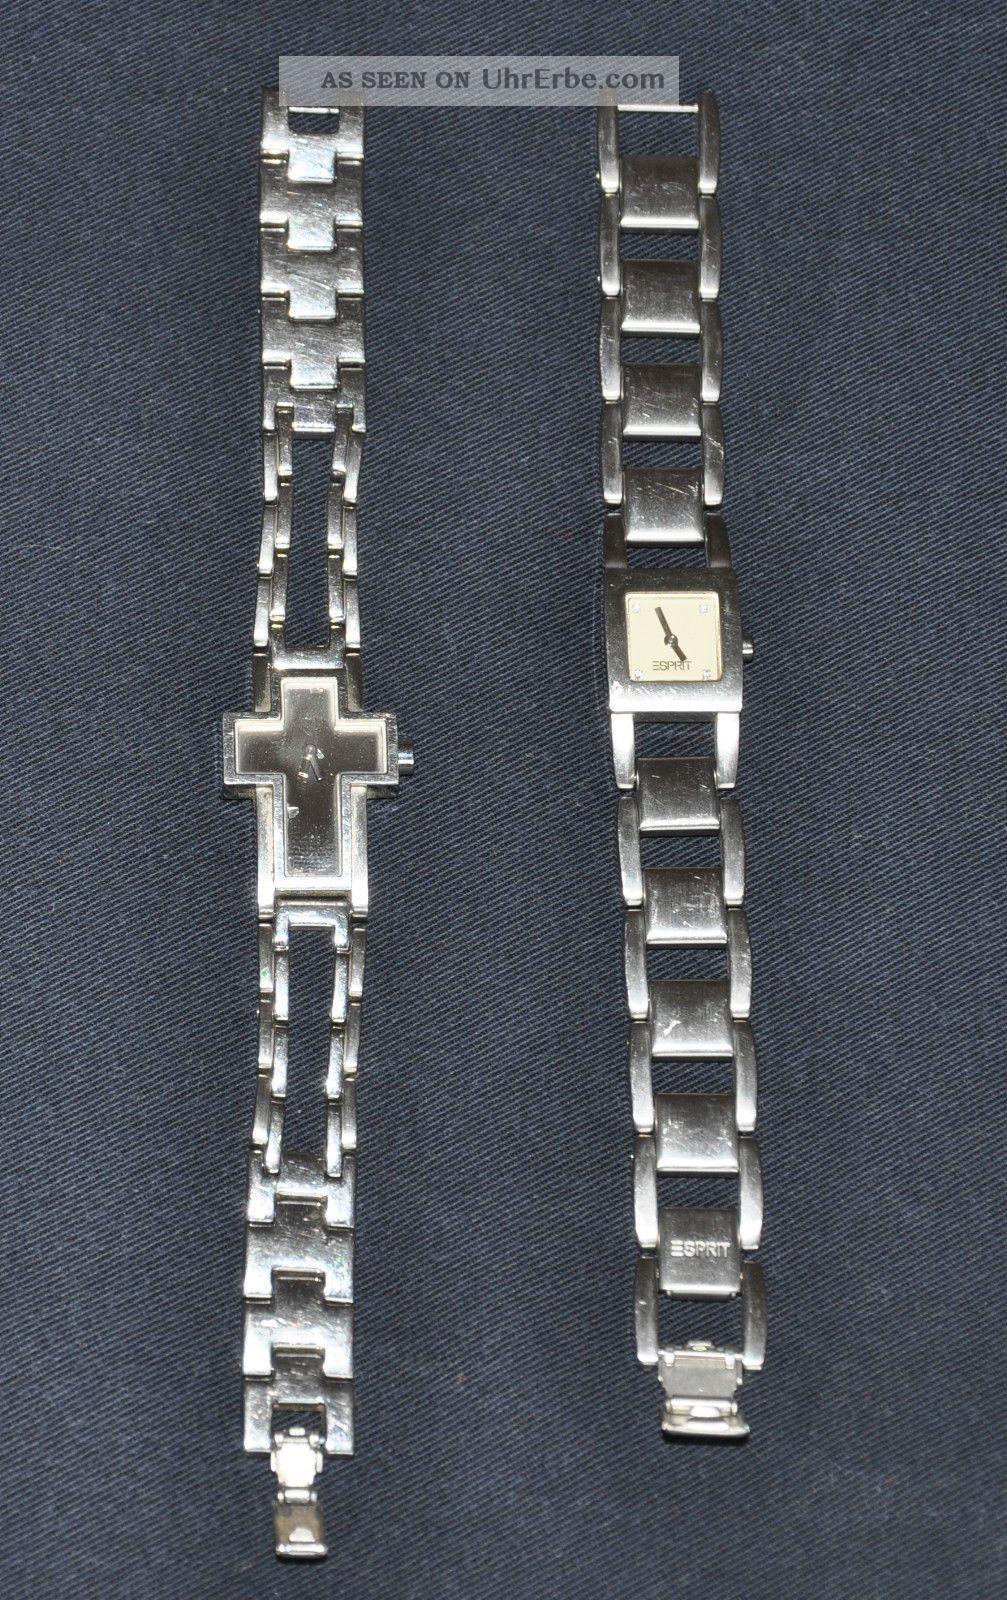 2 X Esprit Uhr Damen Uhren Edelstahl Armbanduhren Bild